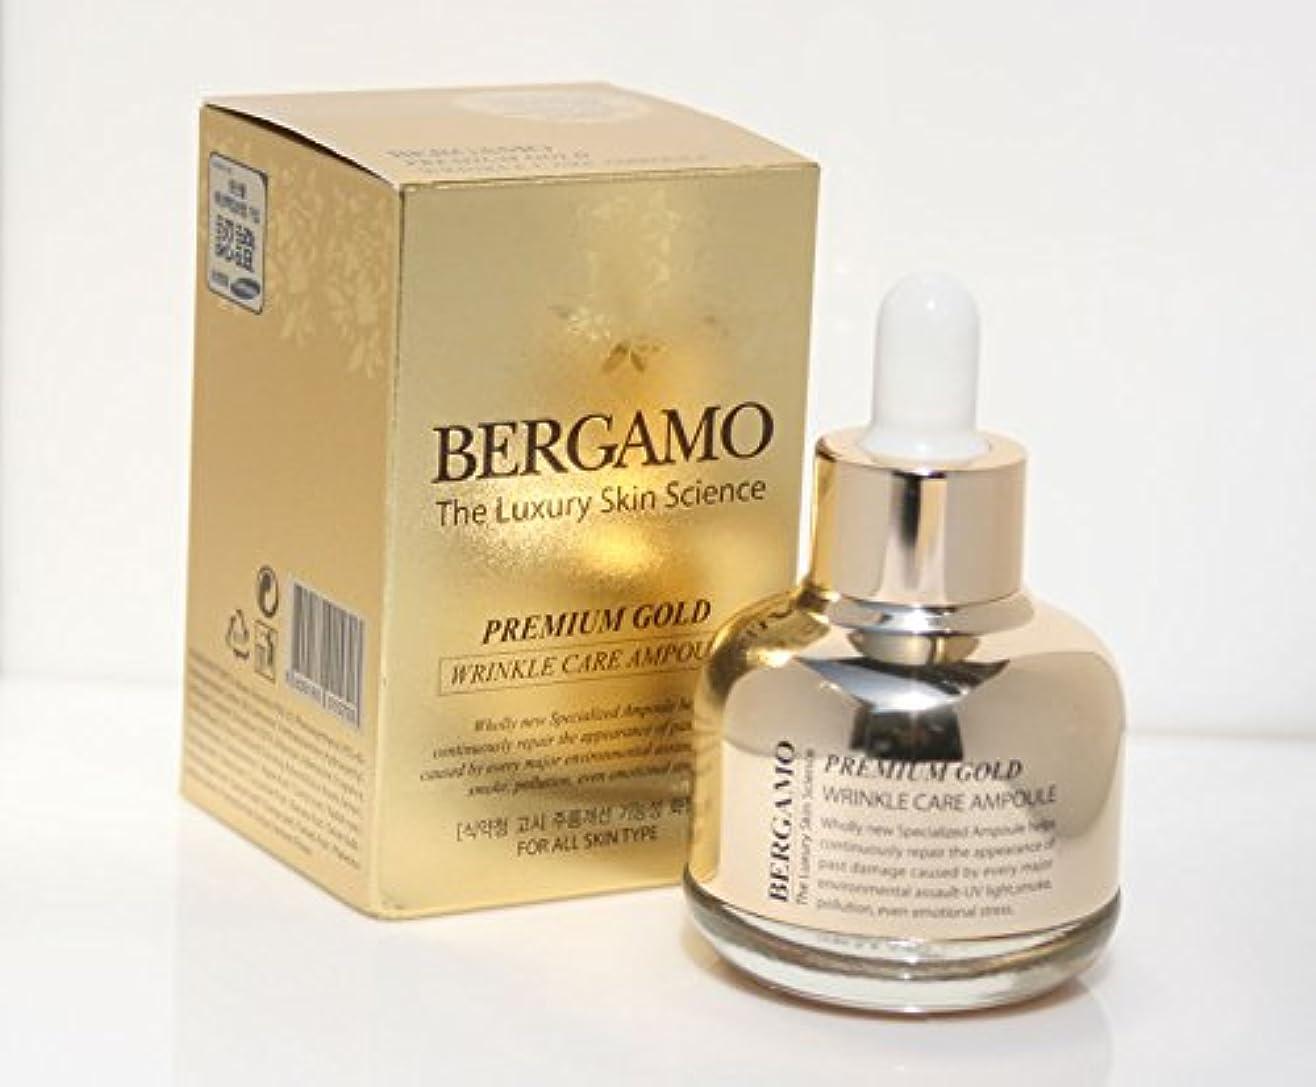 売るビーズサーキットに行く【ベルガモ][Bergamo] 皮膚科学プレミアムゴールドリンクルケアアンプル30ml / The Skin Science Premium Gold Wrinkle Care Ampoule 30ml / 韓国化粧品 / Korean Cosmetics [並行輸入品]